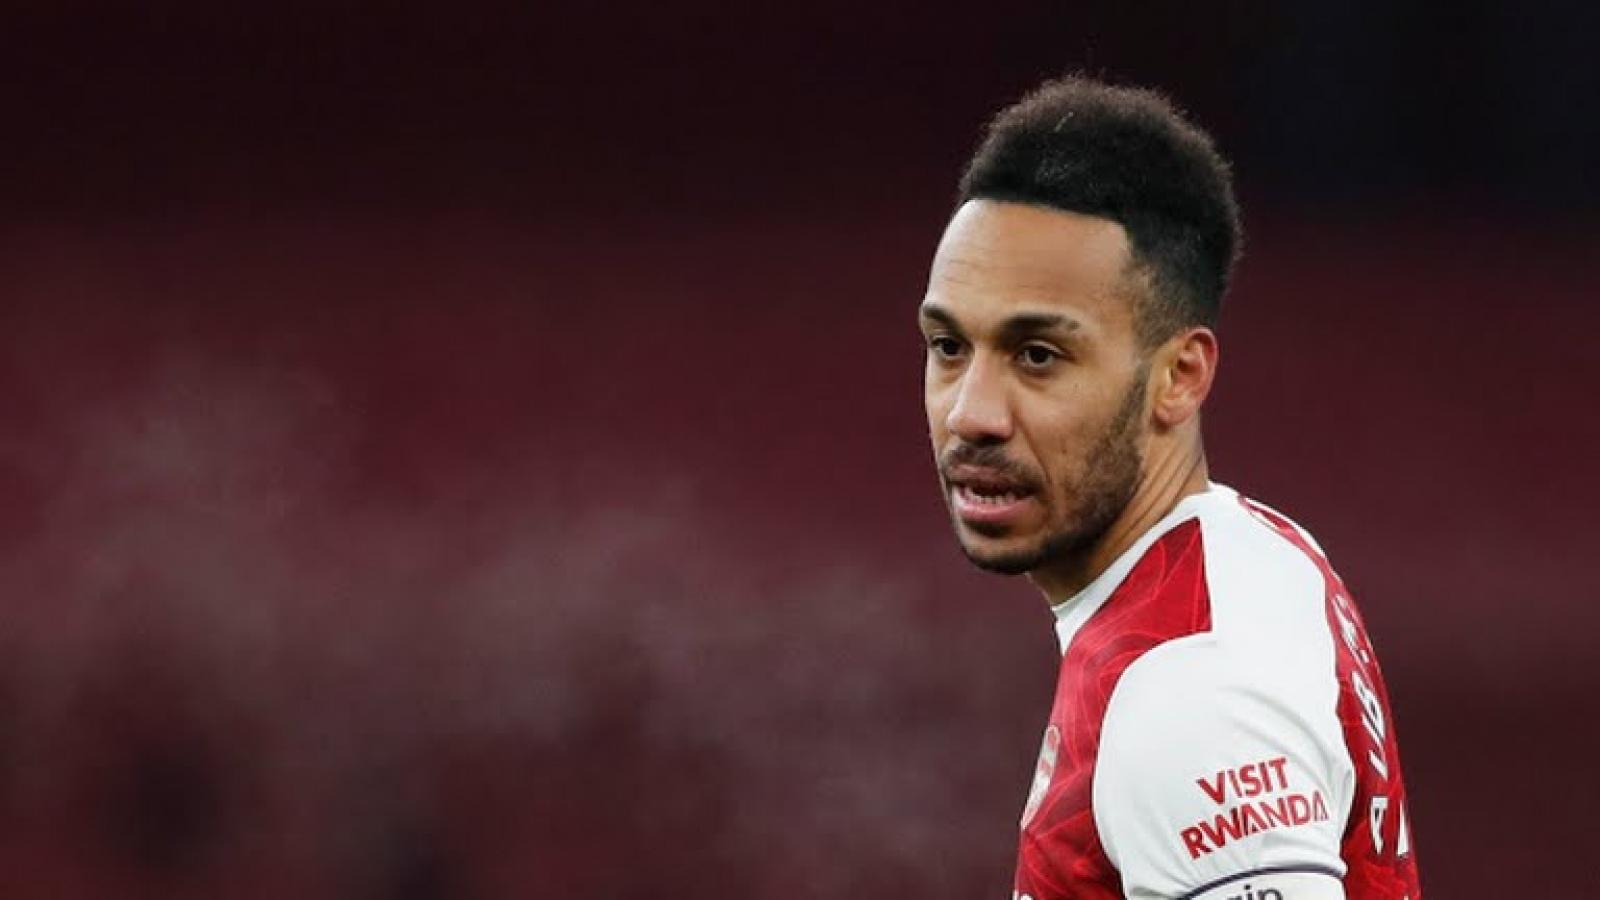 Bảng xếp hạng Ngoại hạng Anh mới nhất: MU dẫn đầu, Arsenal lỡ cơ hội vào tốp 8